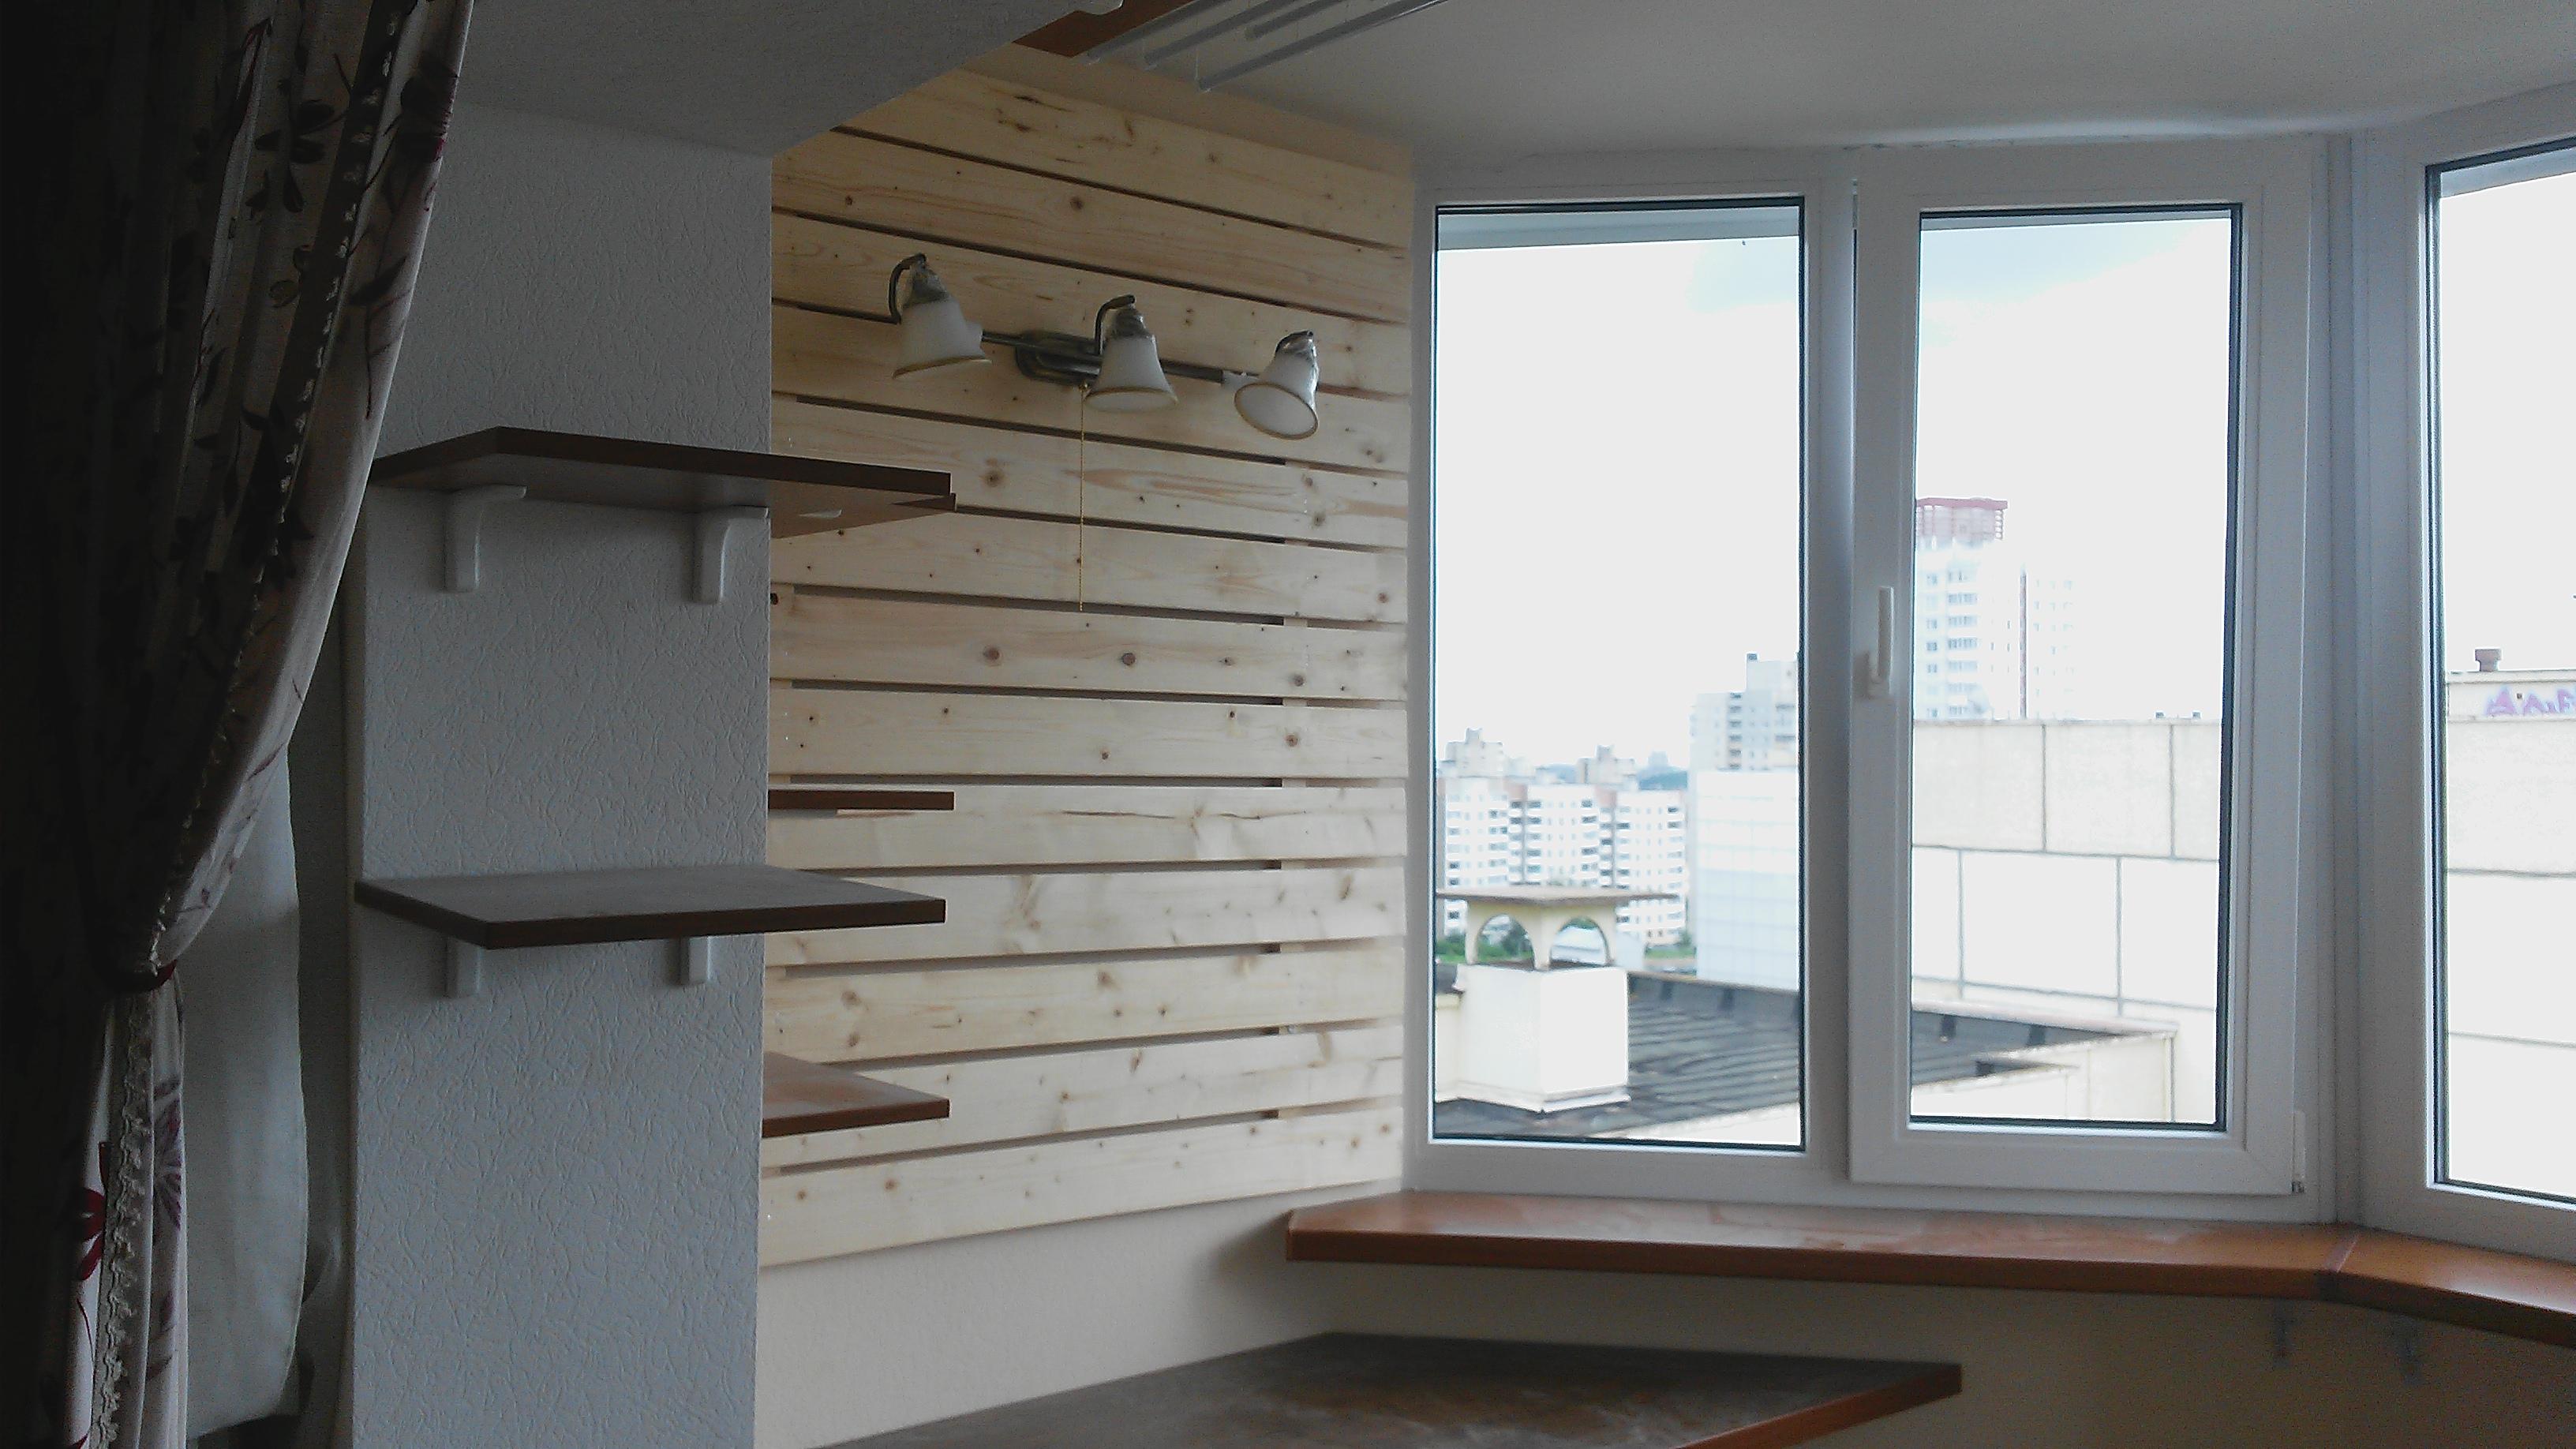 Объединение балкона, лоджии в минске, фото балконов.